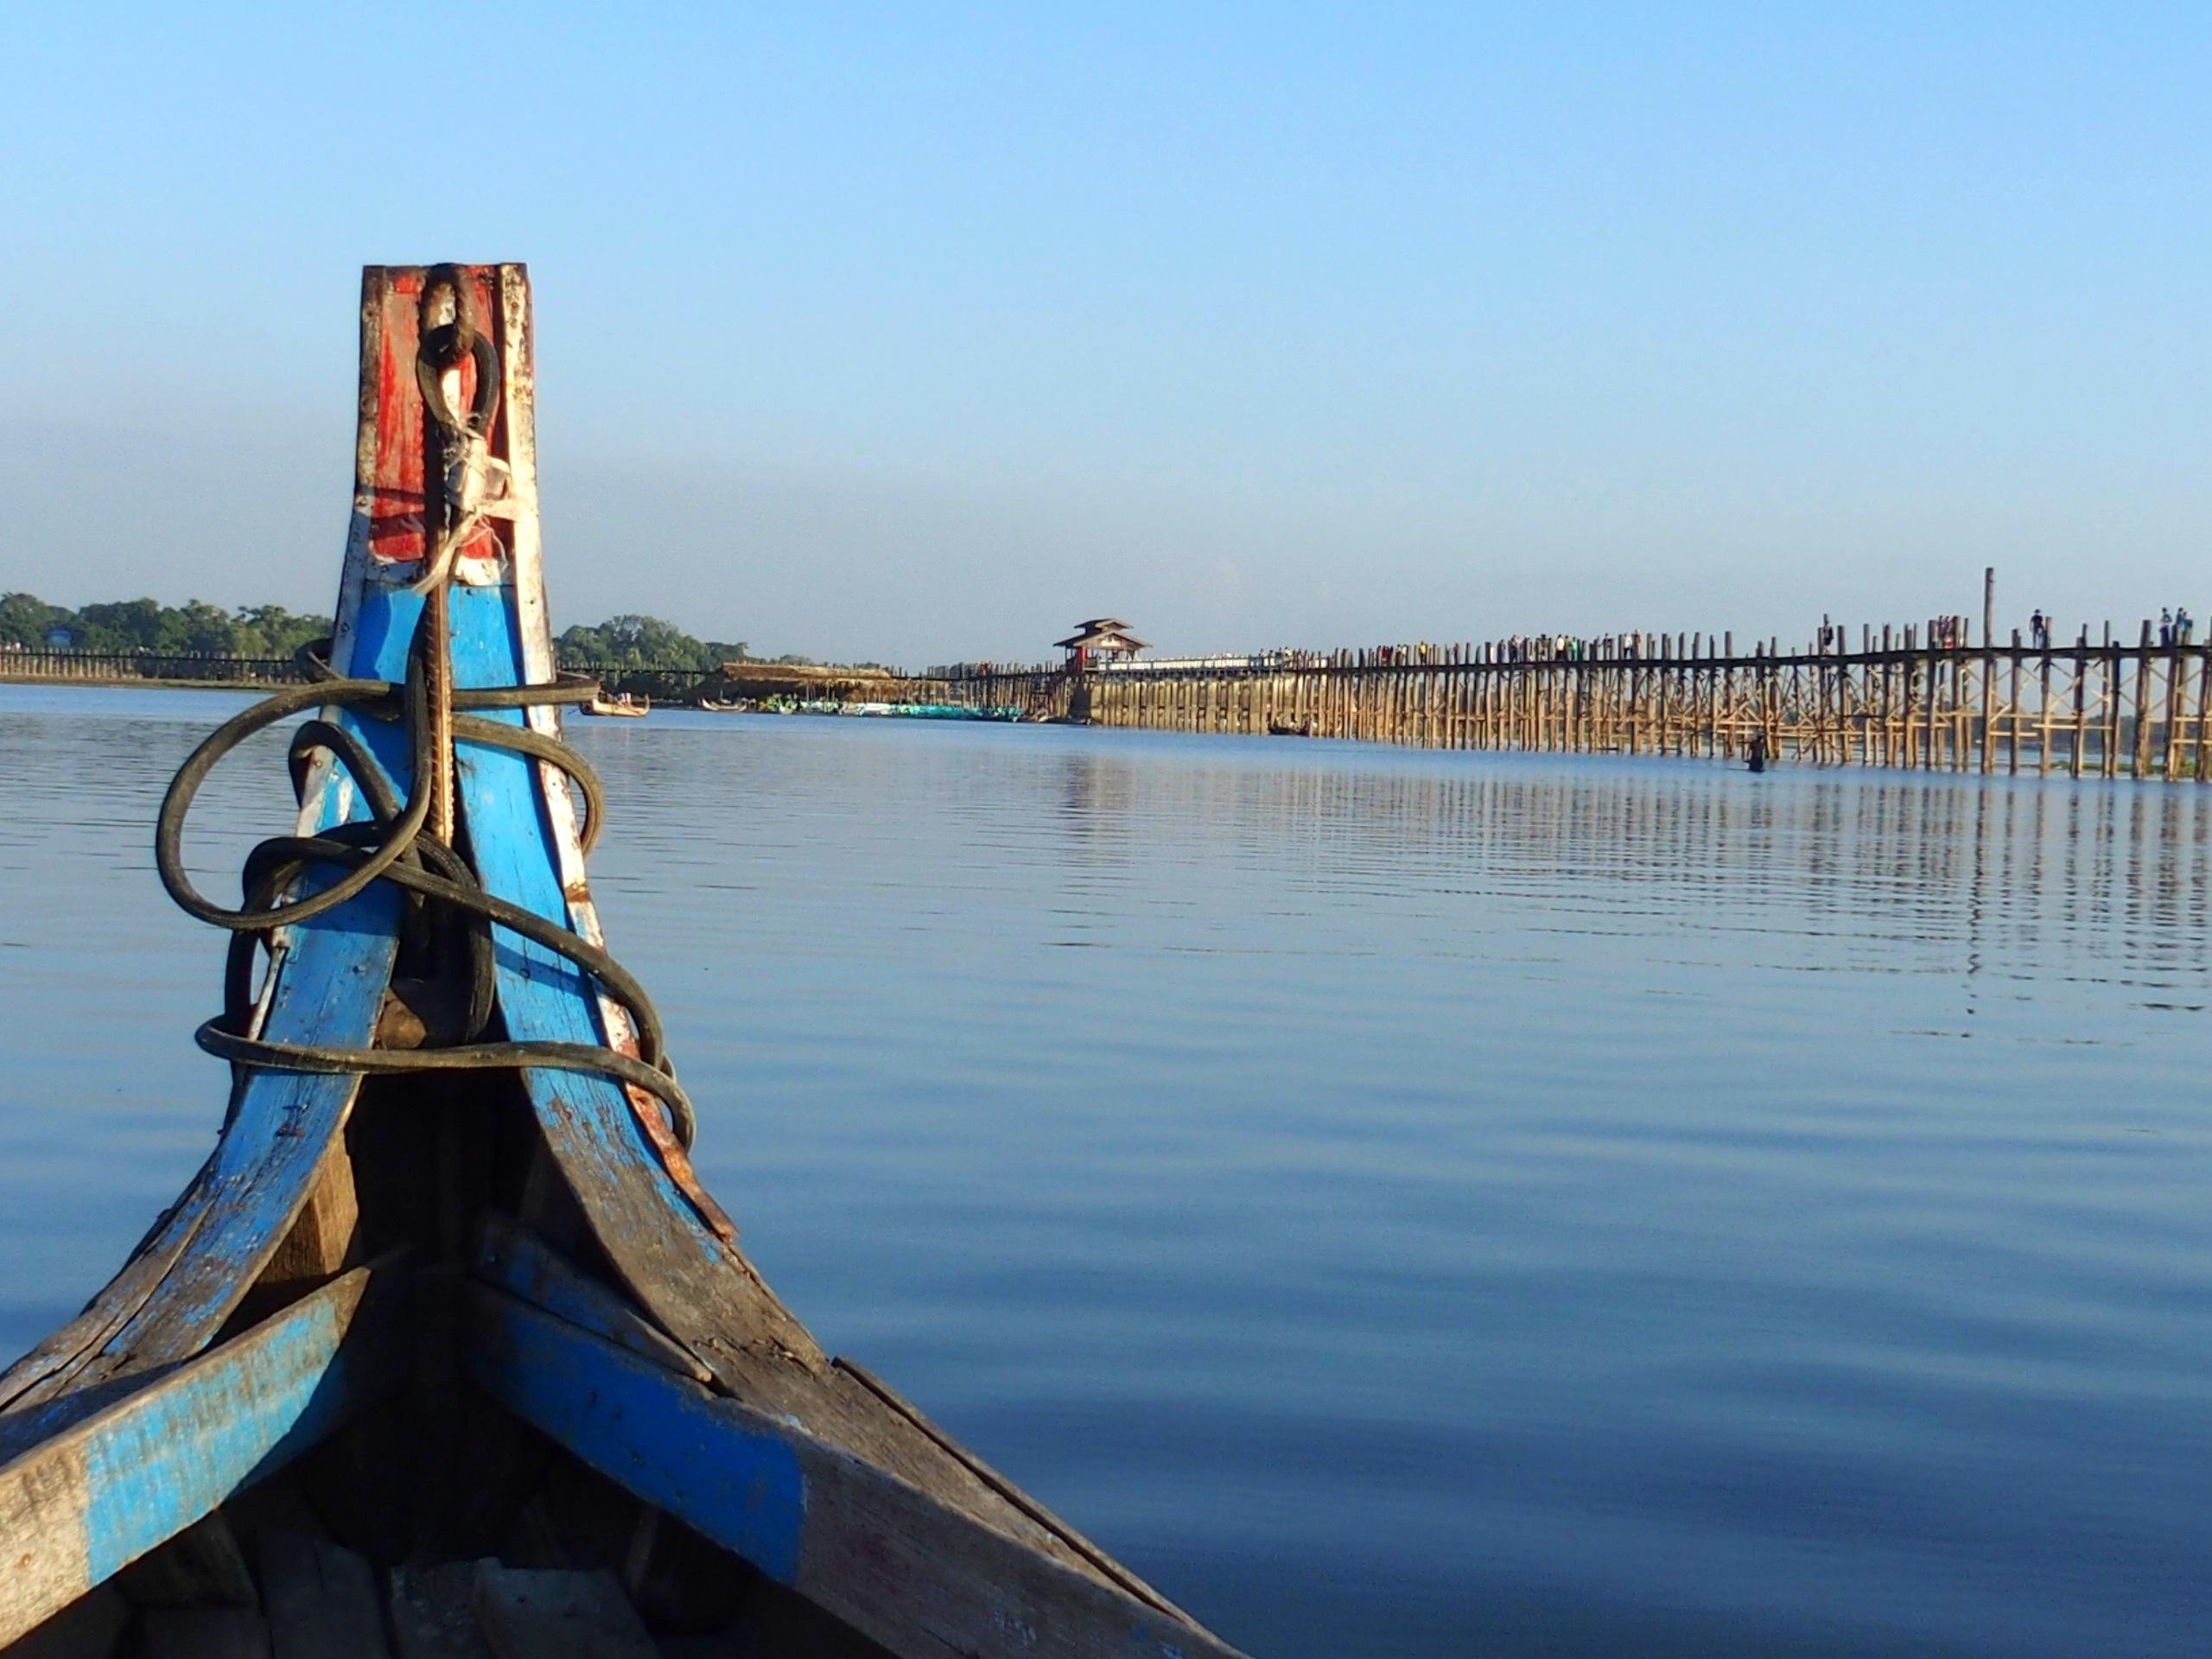 En barque pour voir le pont U Bein visite de Sagain et Amarapura Myanmar.